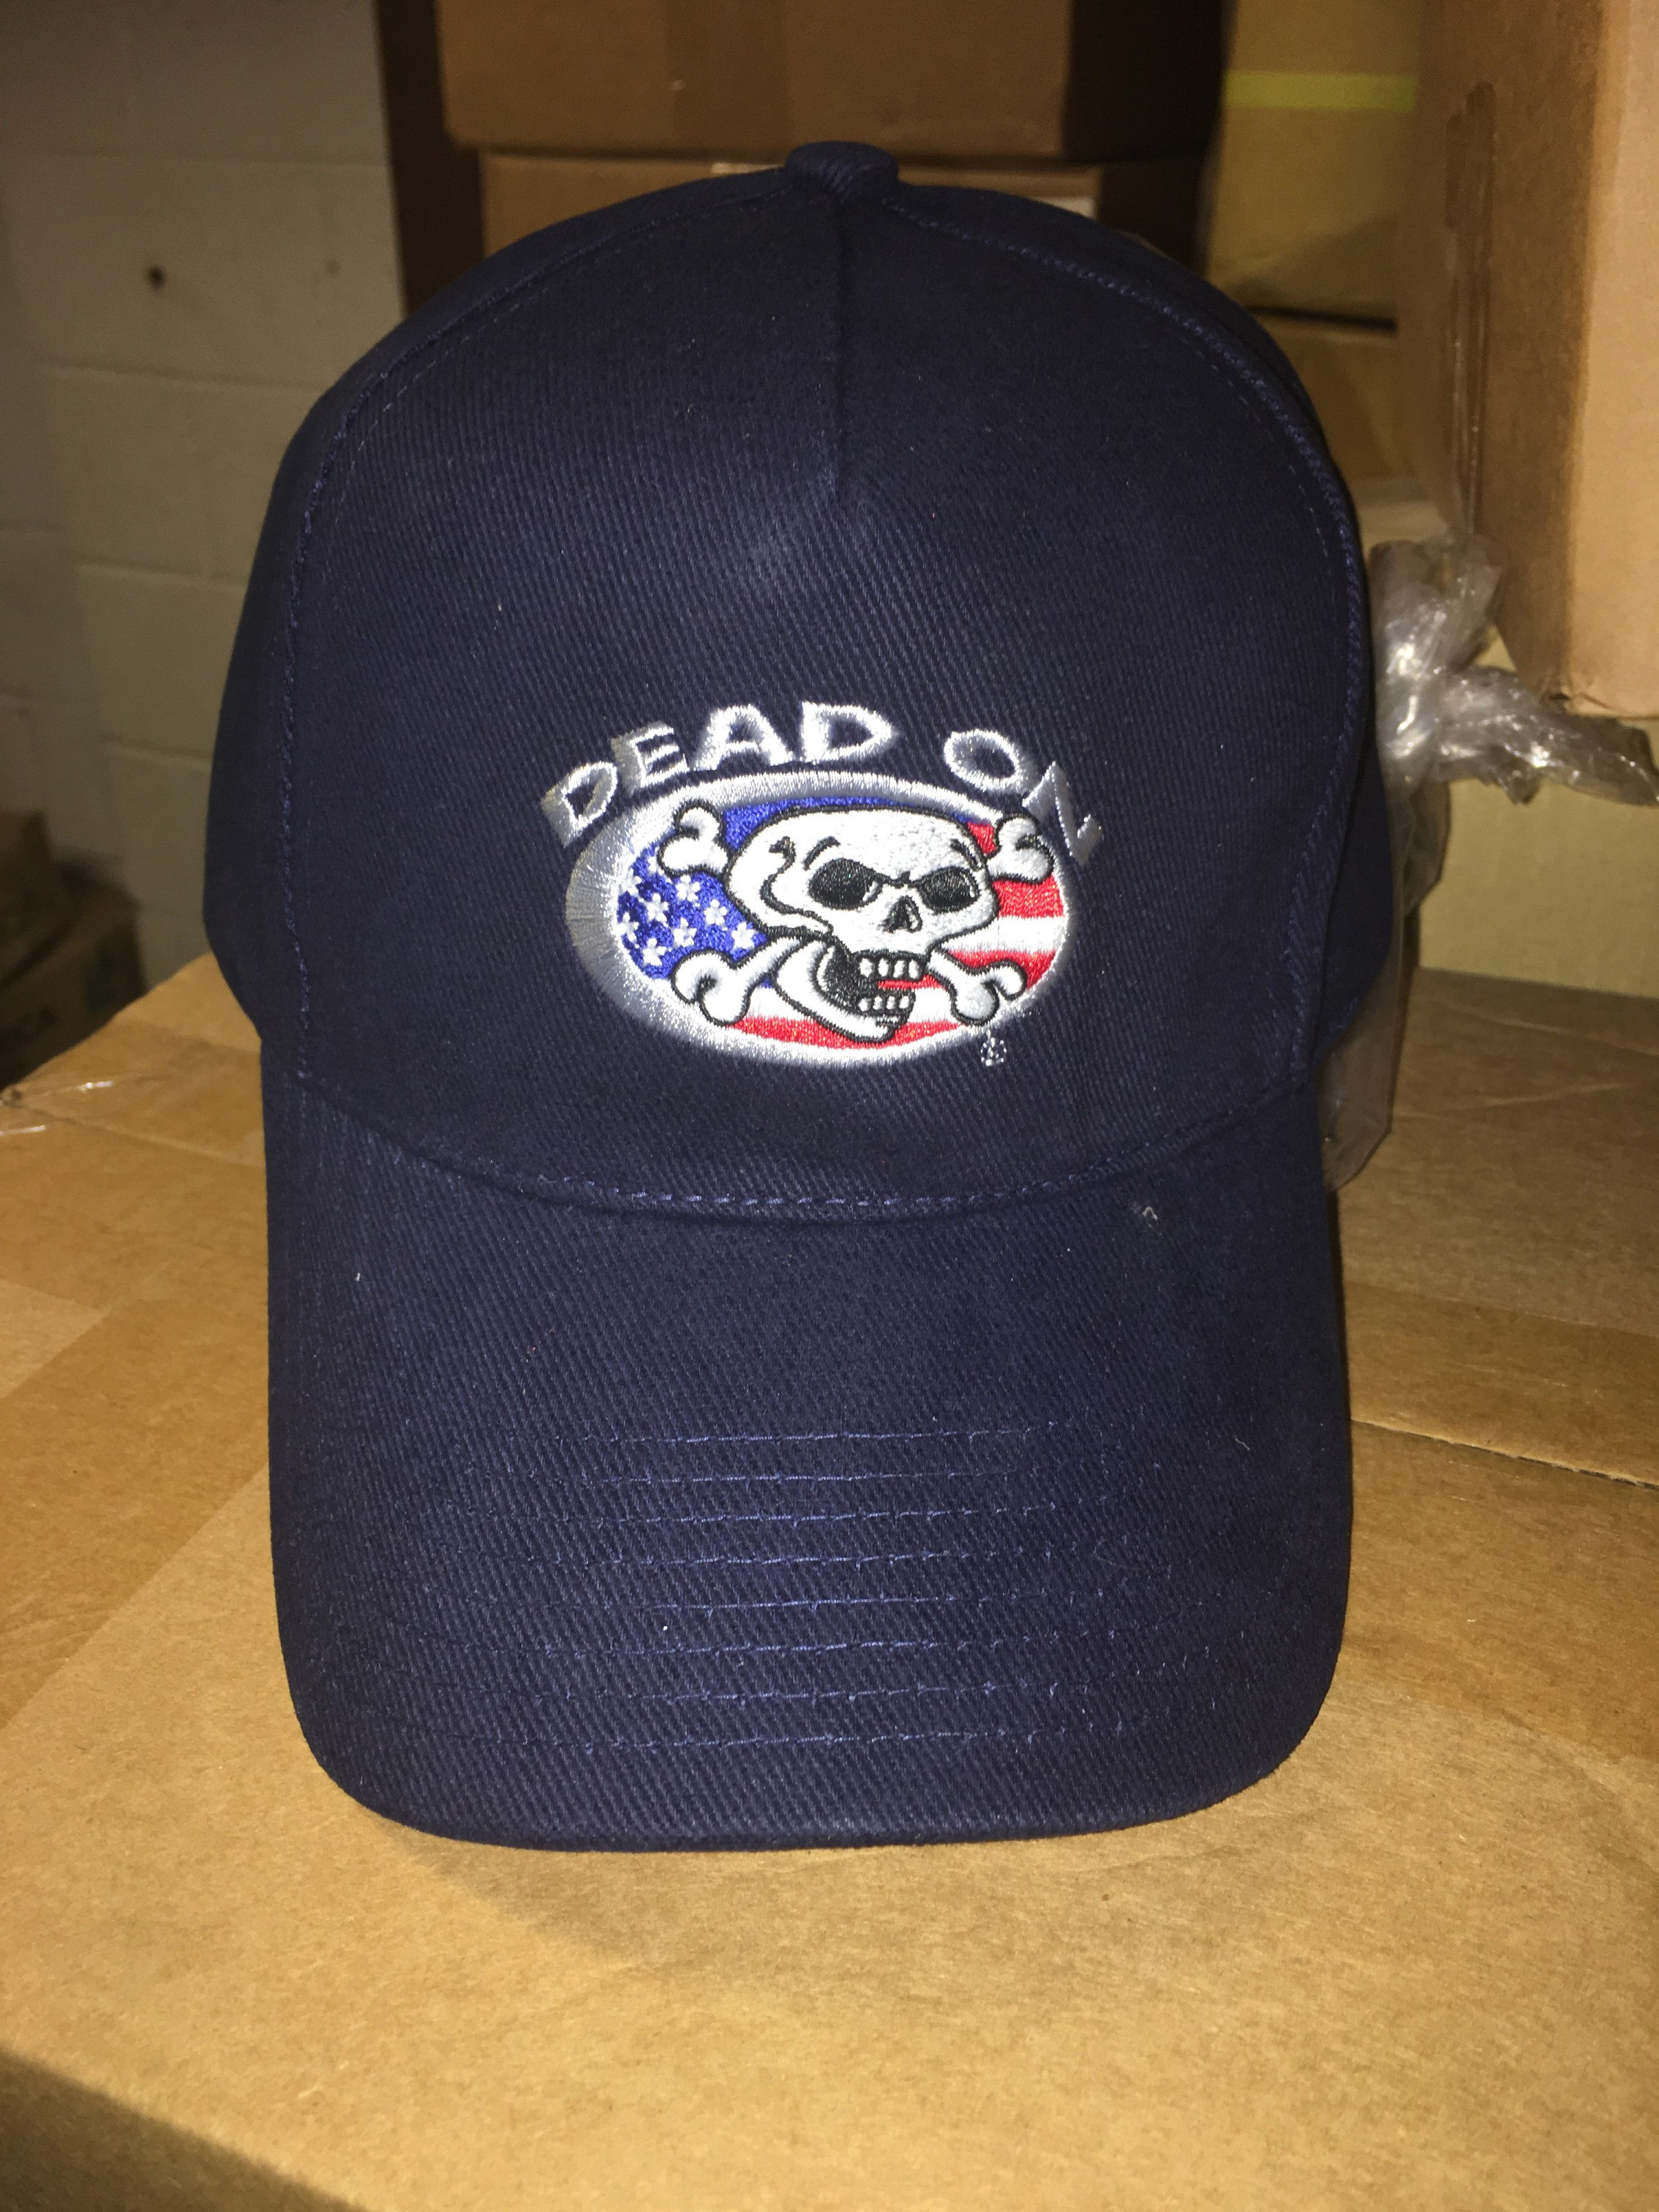 Dead On Hats